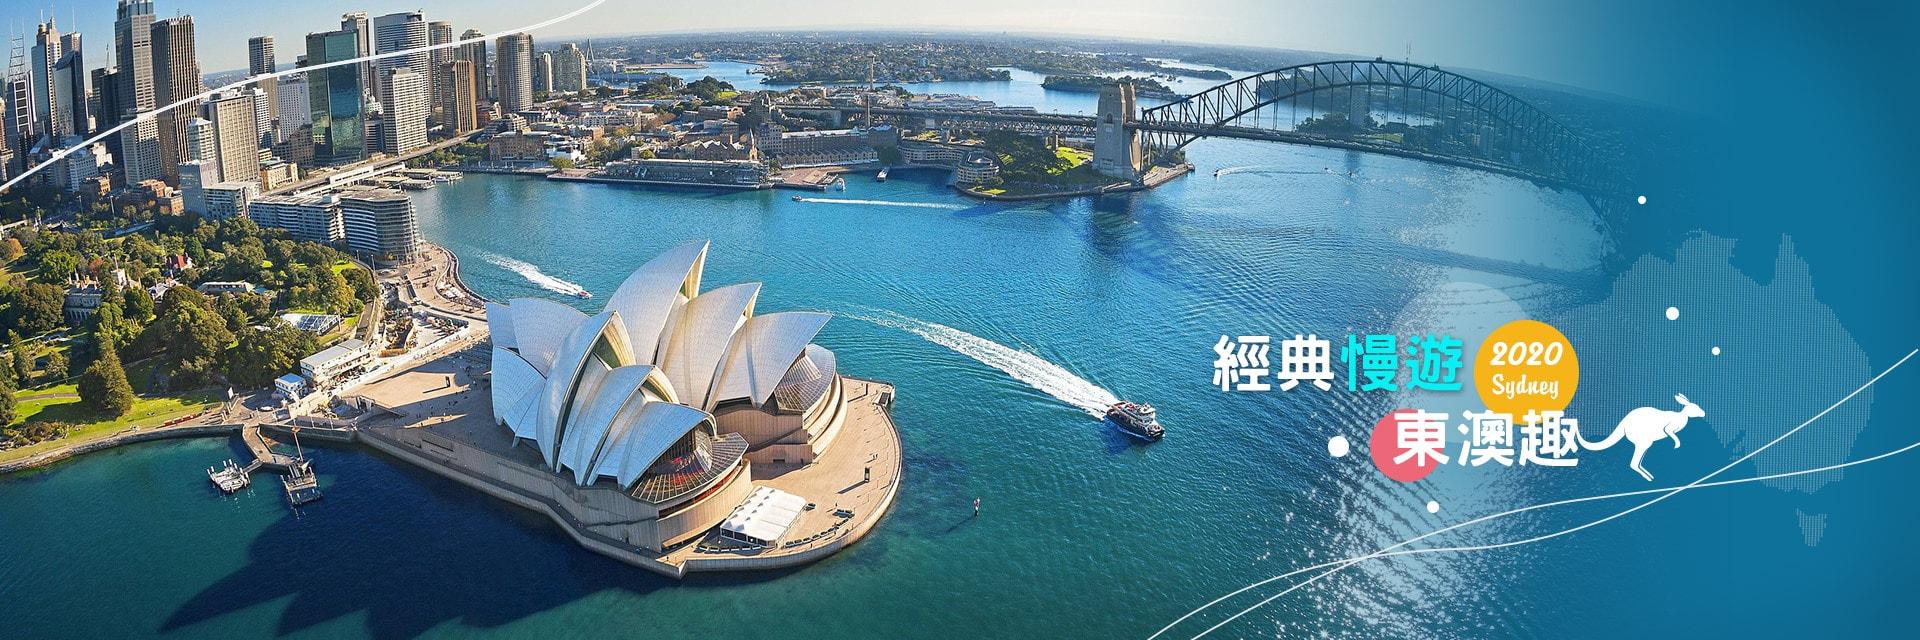 澳洲旅遊,雪梨旅遊,墨爾本旅遊,黃金海岸旅遊,布里斯本旅遊,阿德雷德旅 遊,南澳旅遊,西澳旅遊,上順旅行社